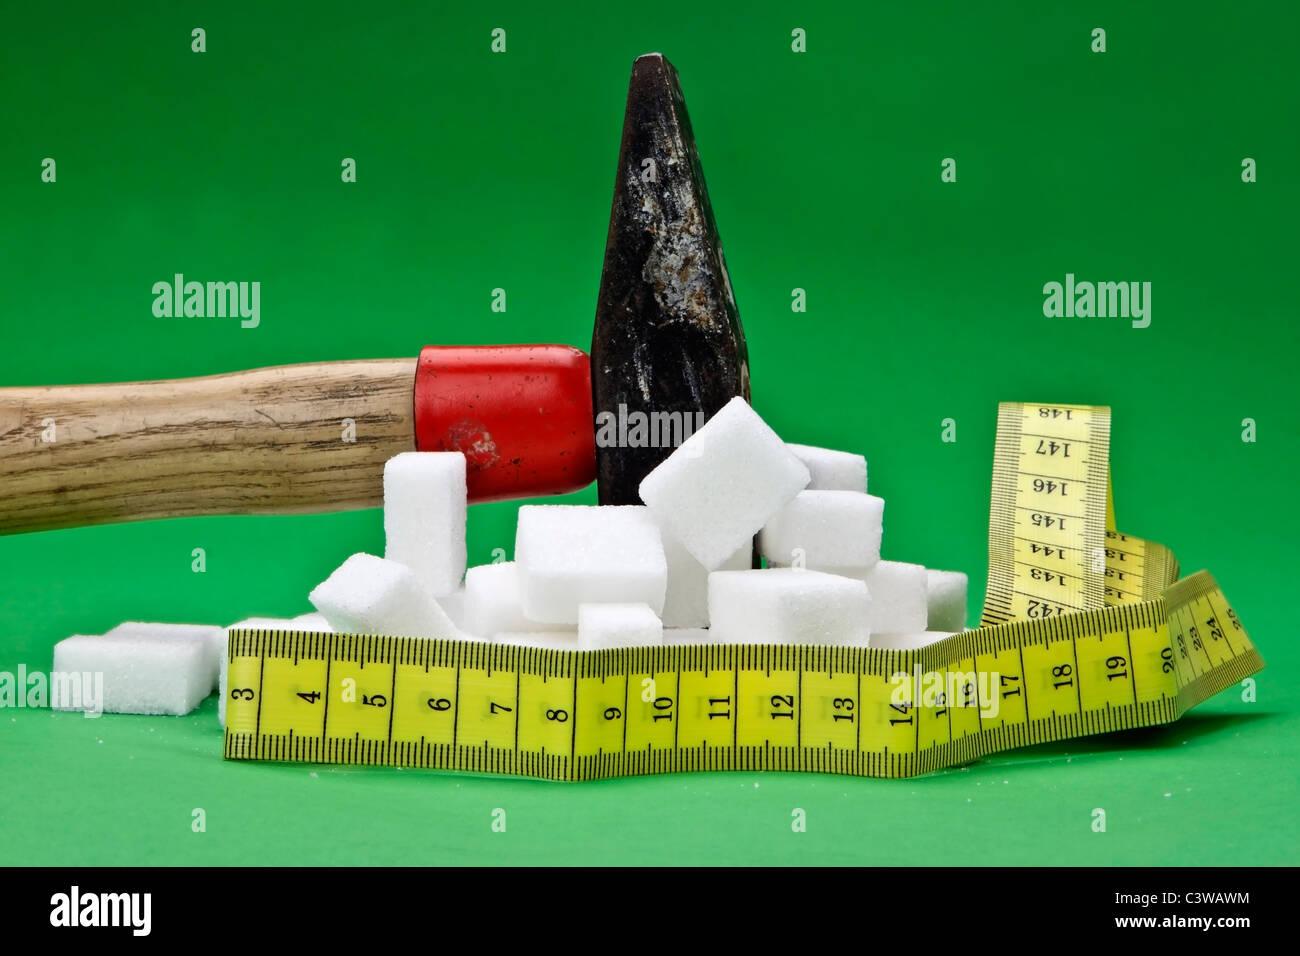 Un martillo que perturba terrones de azúcar para una alimentación más saludable en el futuro Imagen De Stock